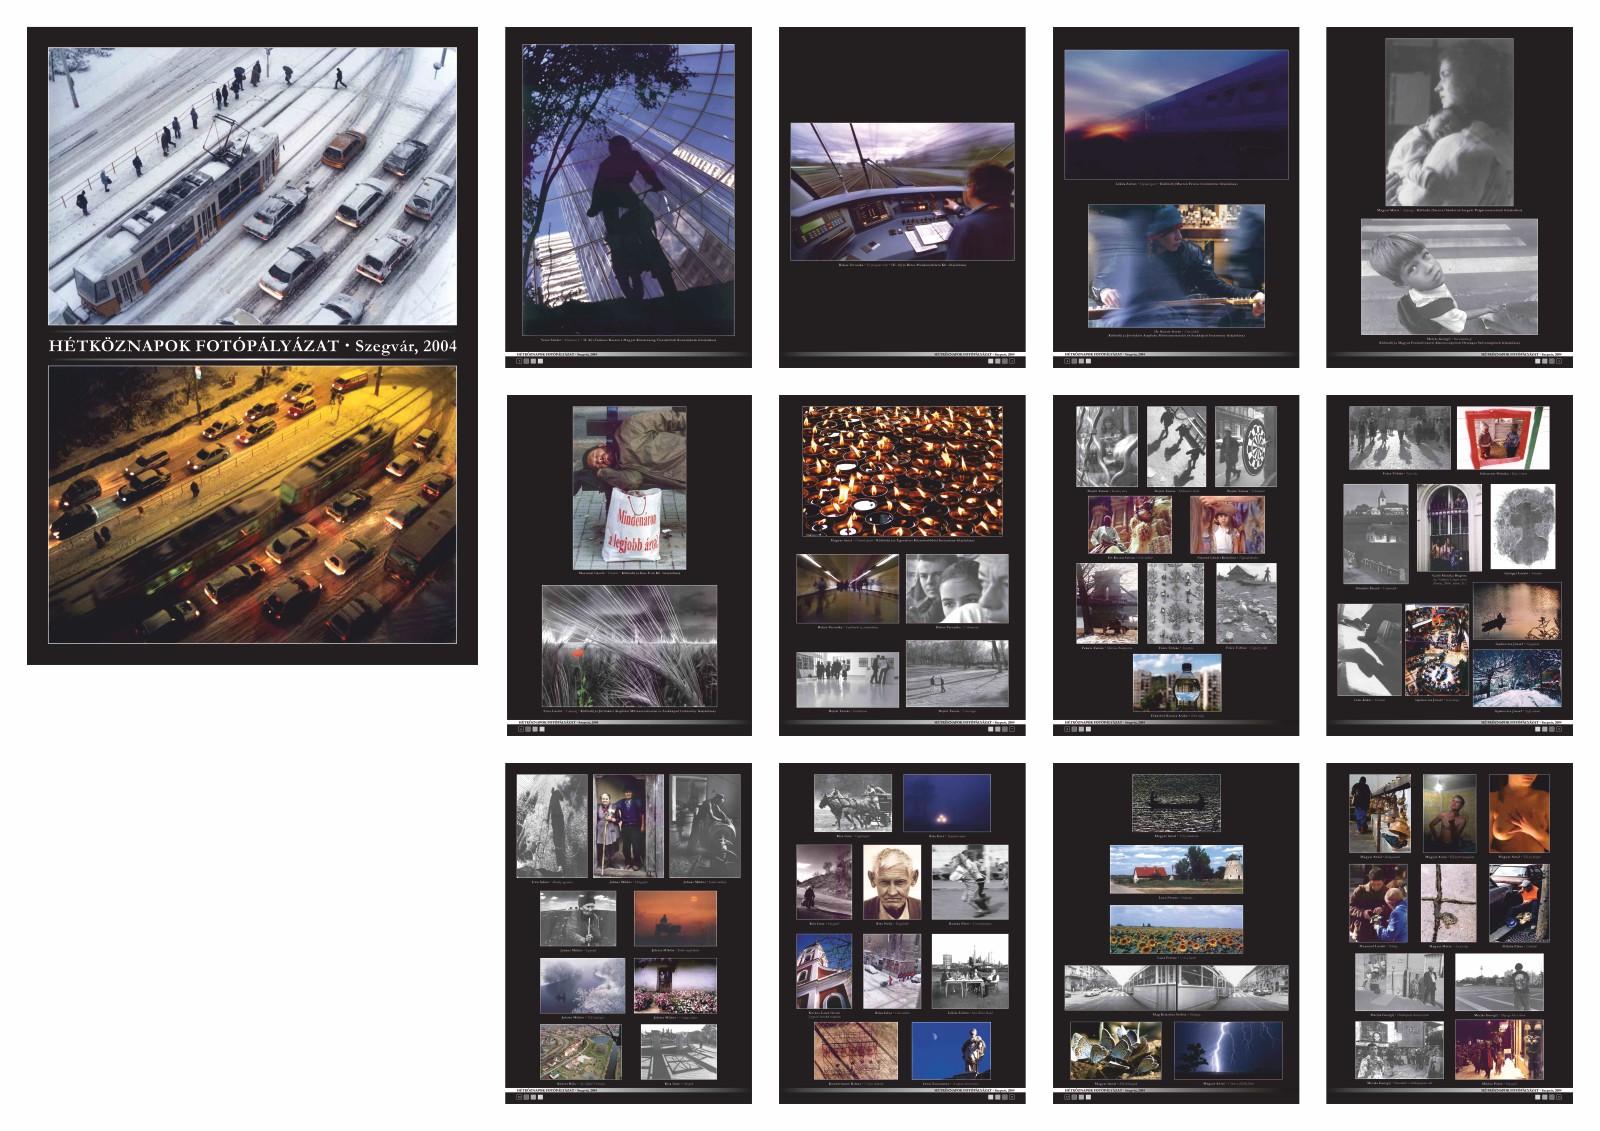 010-HetkoznapokFotopalyazatKatalogusa-2004